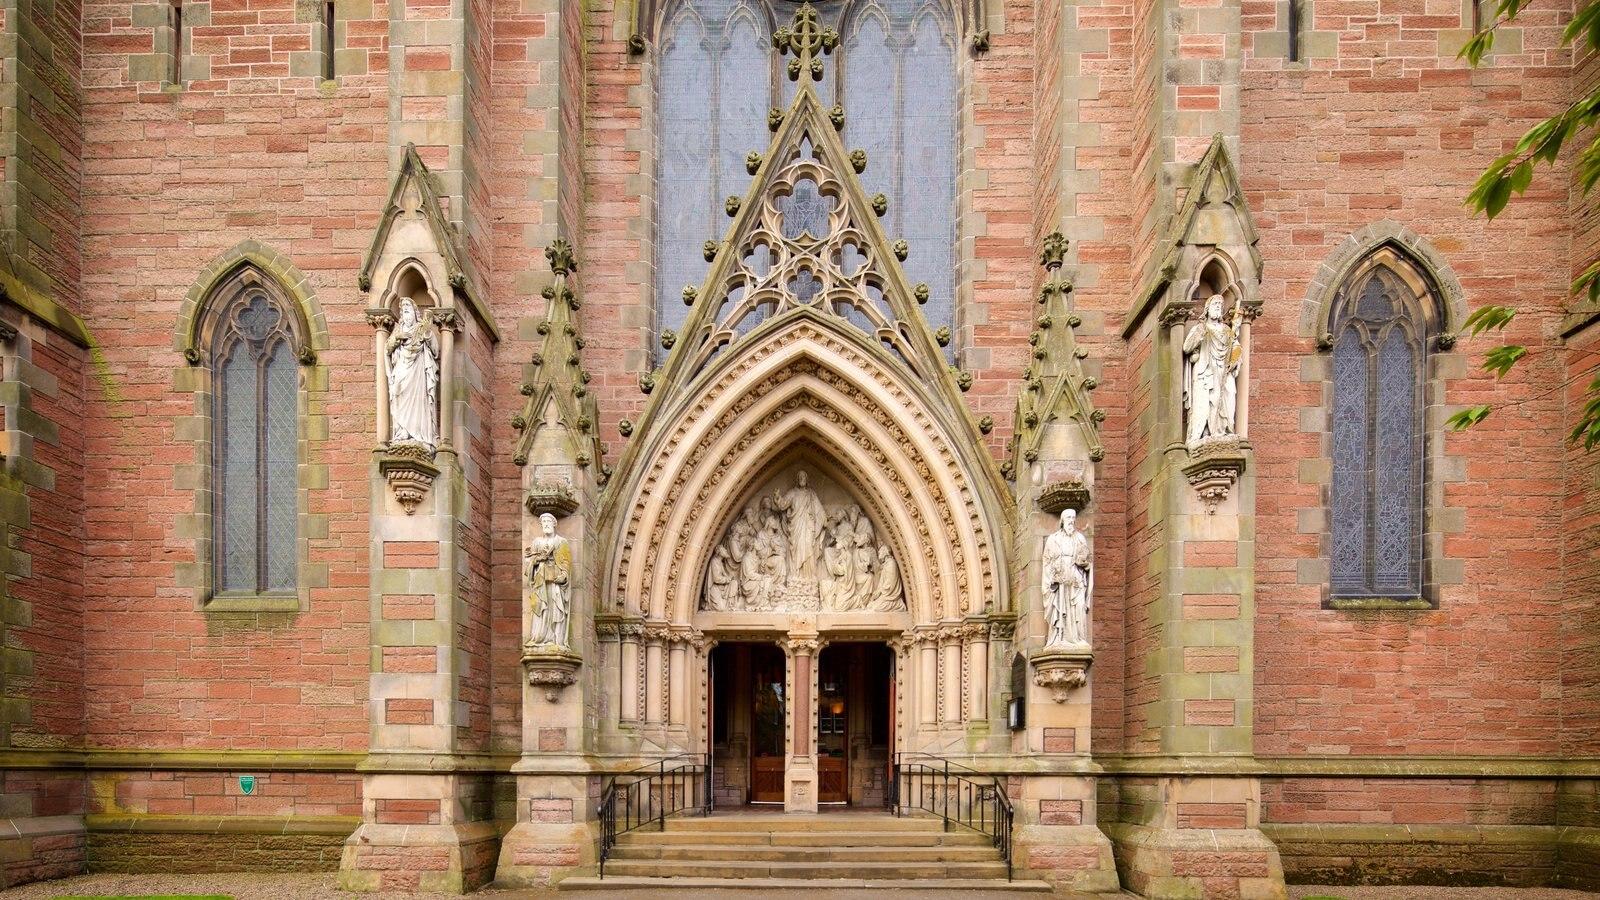 Catedral de Inverness mostrando uma igreja ou catedral, elementos de patrimônio e arquitetura de patrimônio